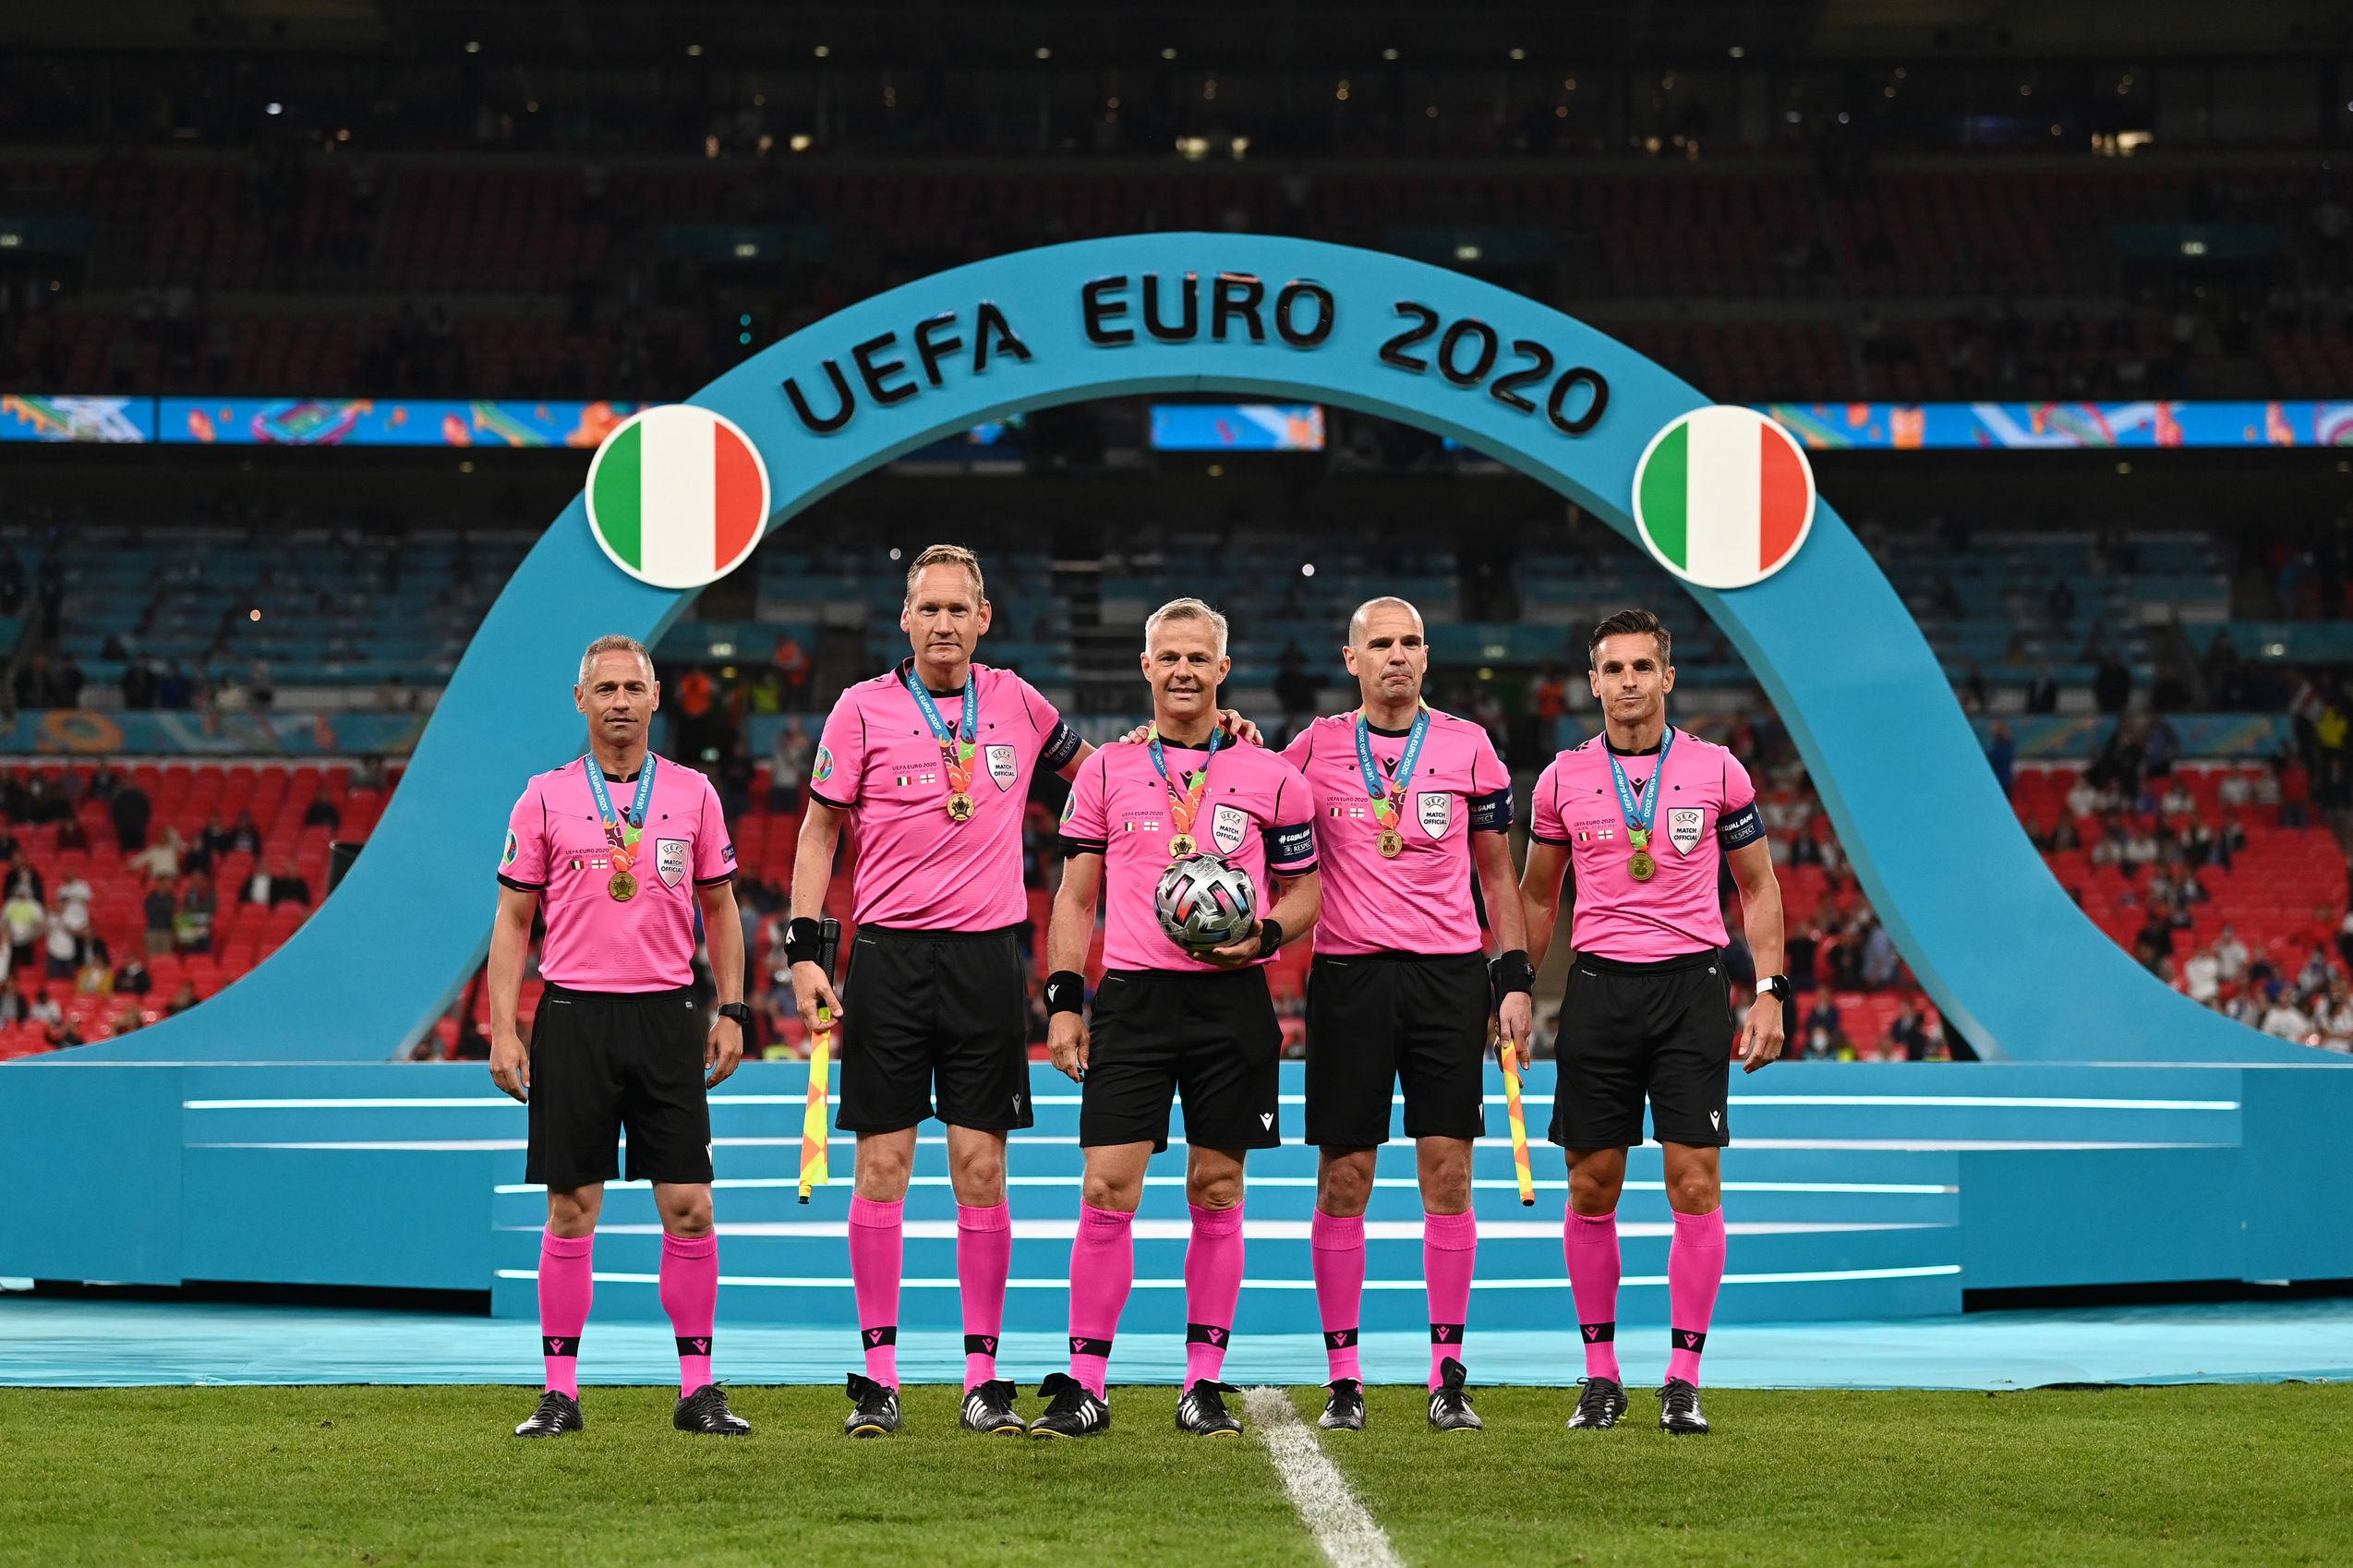 В финале Стерлинг нырял так же, как в полуфинале против Дании. Но на этот раз Англия не получила право на пенальти - изображение 1